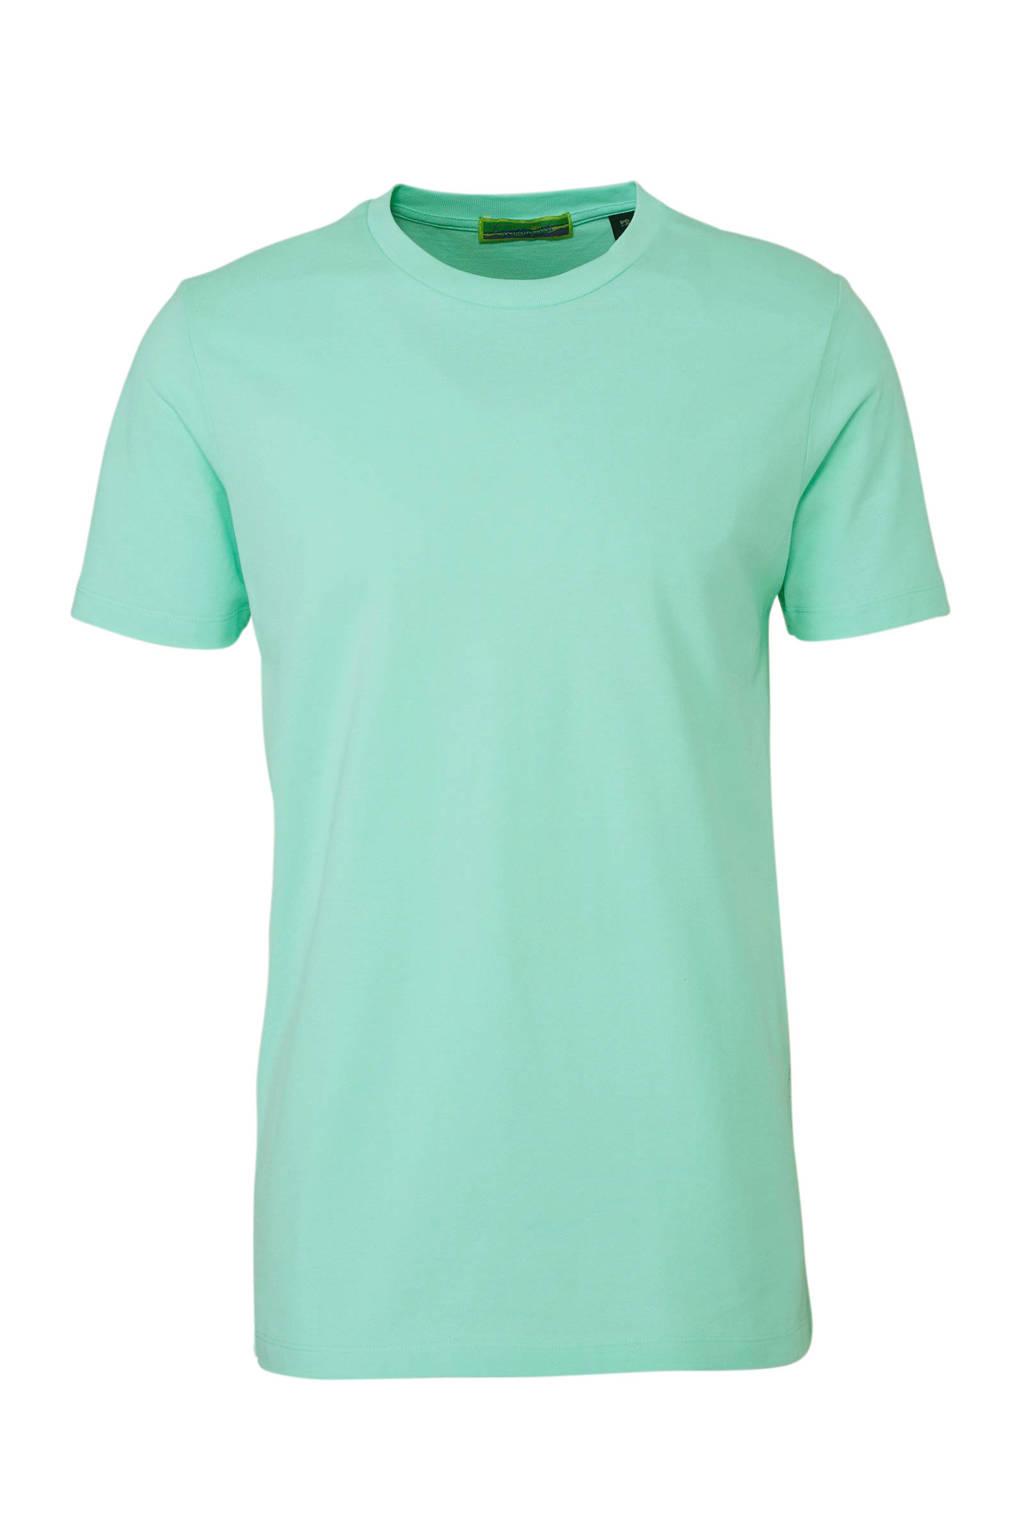 Scotch & Soda T-shirt groen, Groen